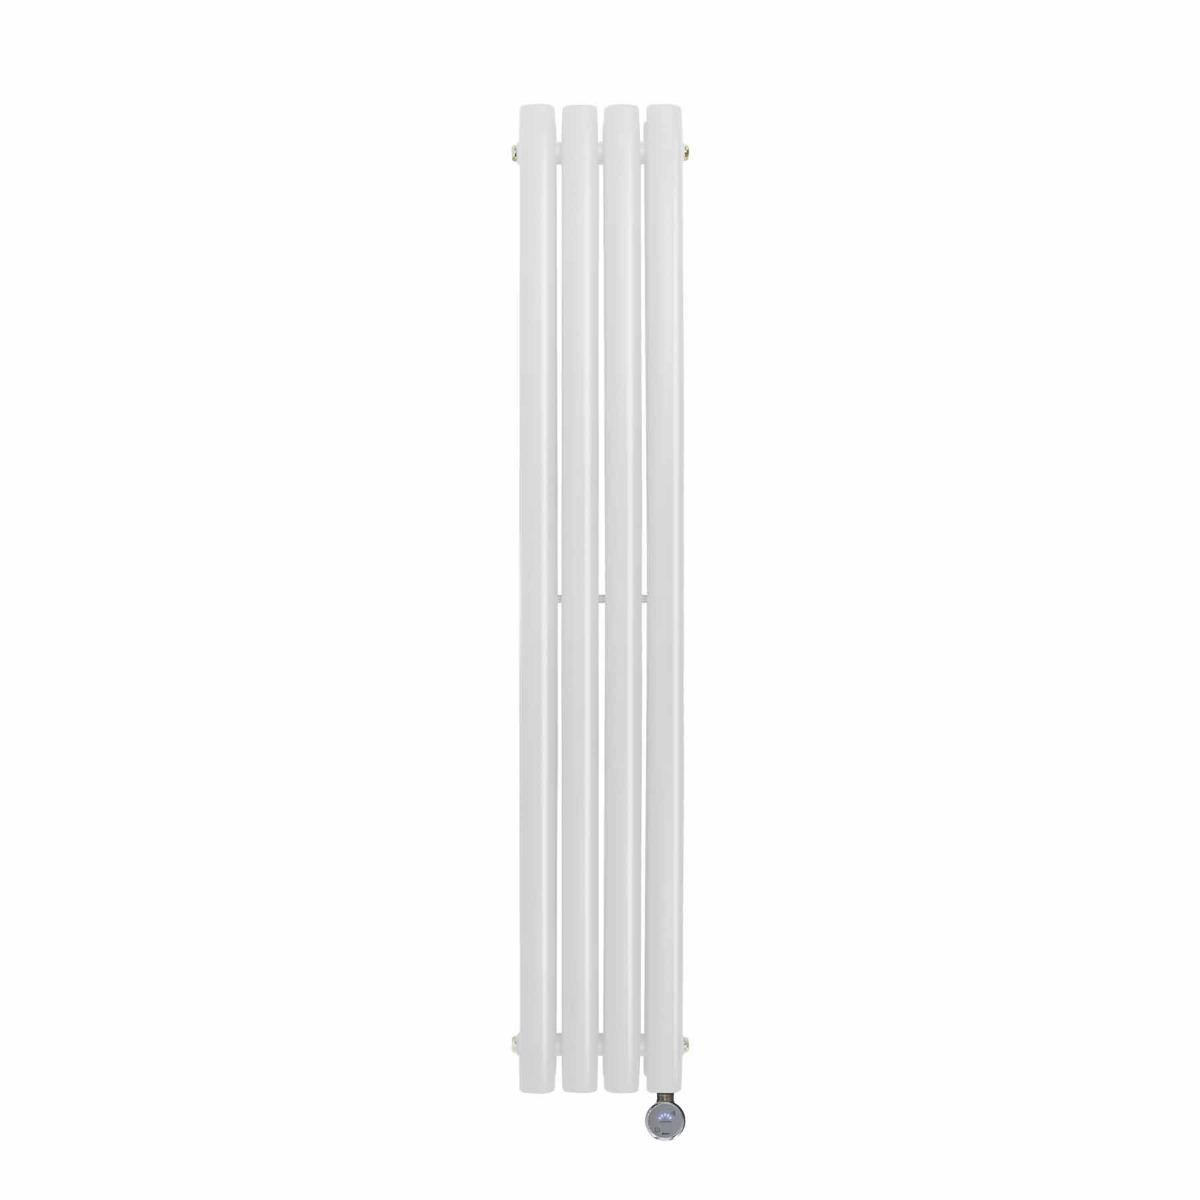 Ecostrad Allora Vertical Designer Electric Radiators White